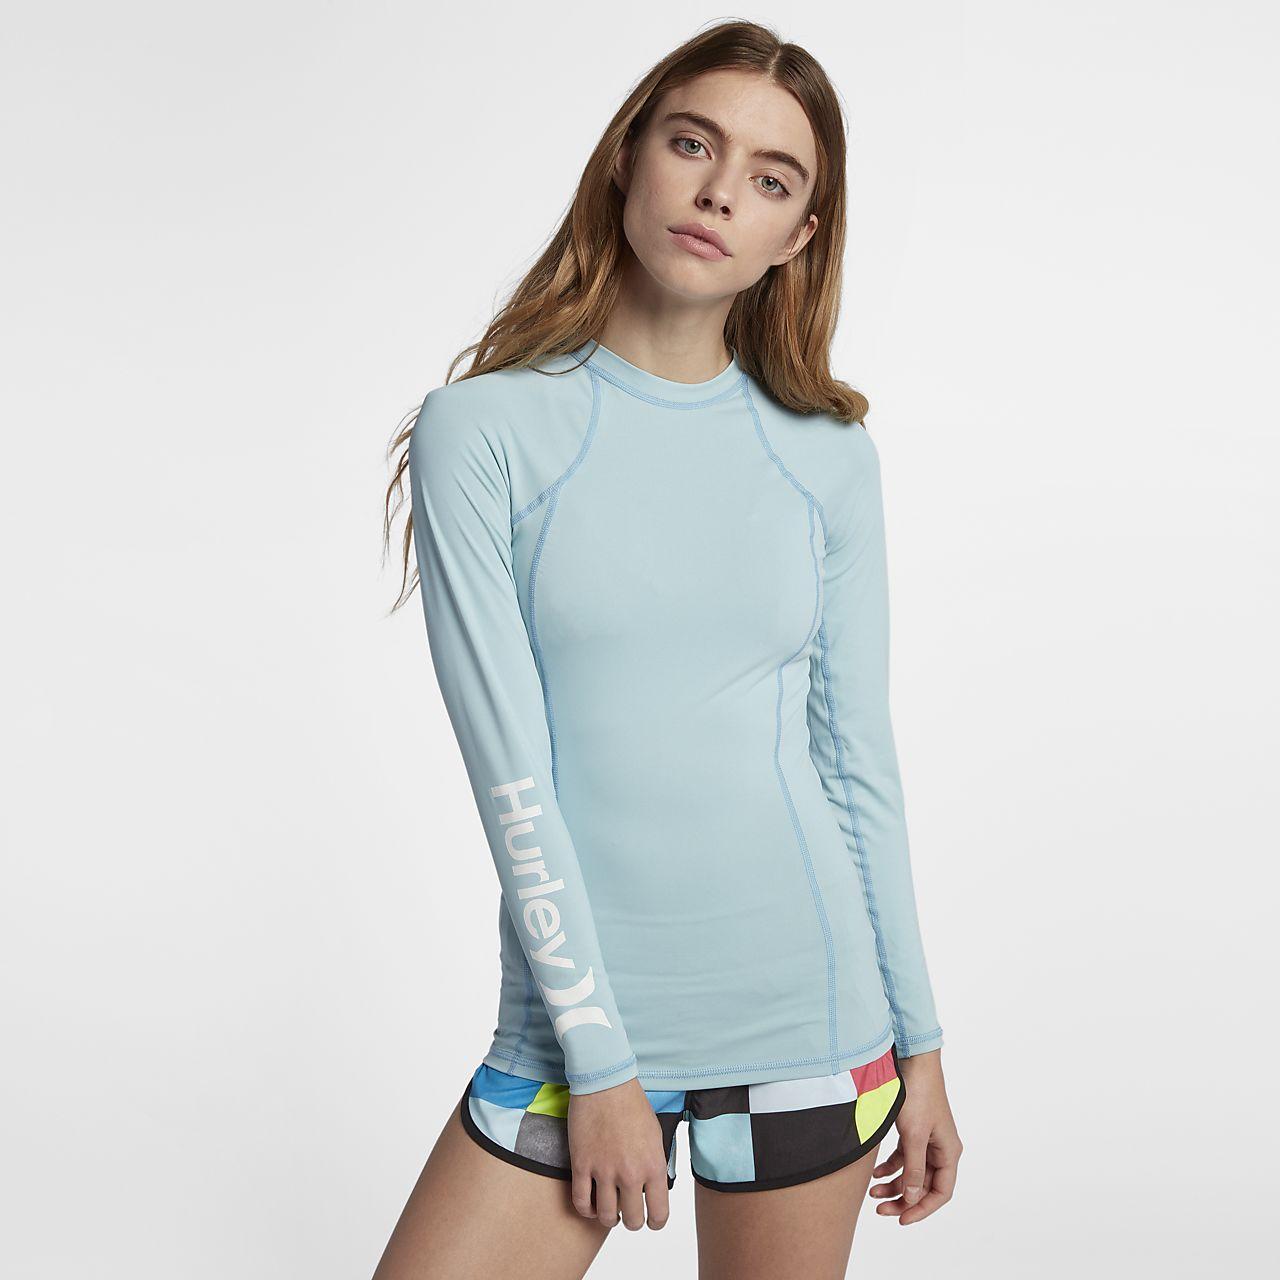 Hurley One And Only Rashguard Damen-Surf-Shirt